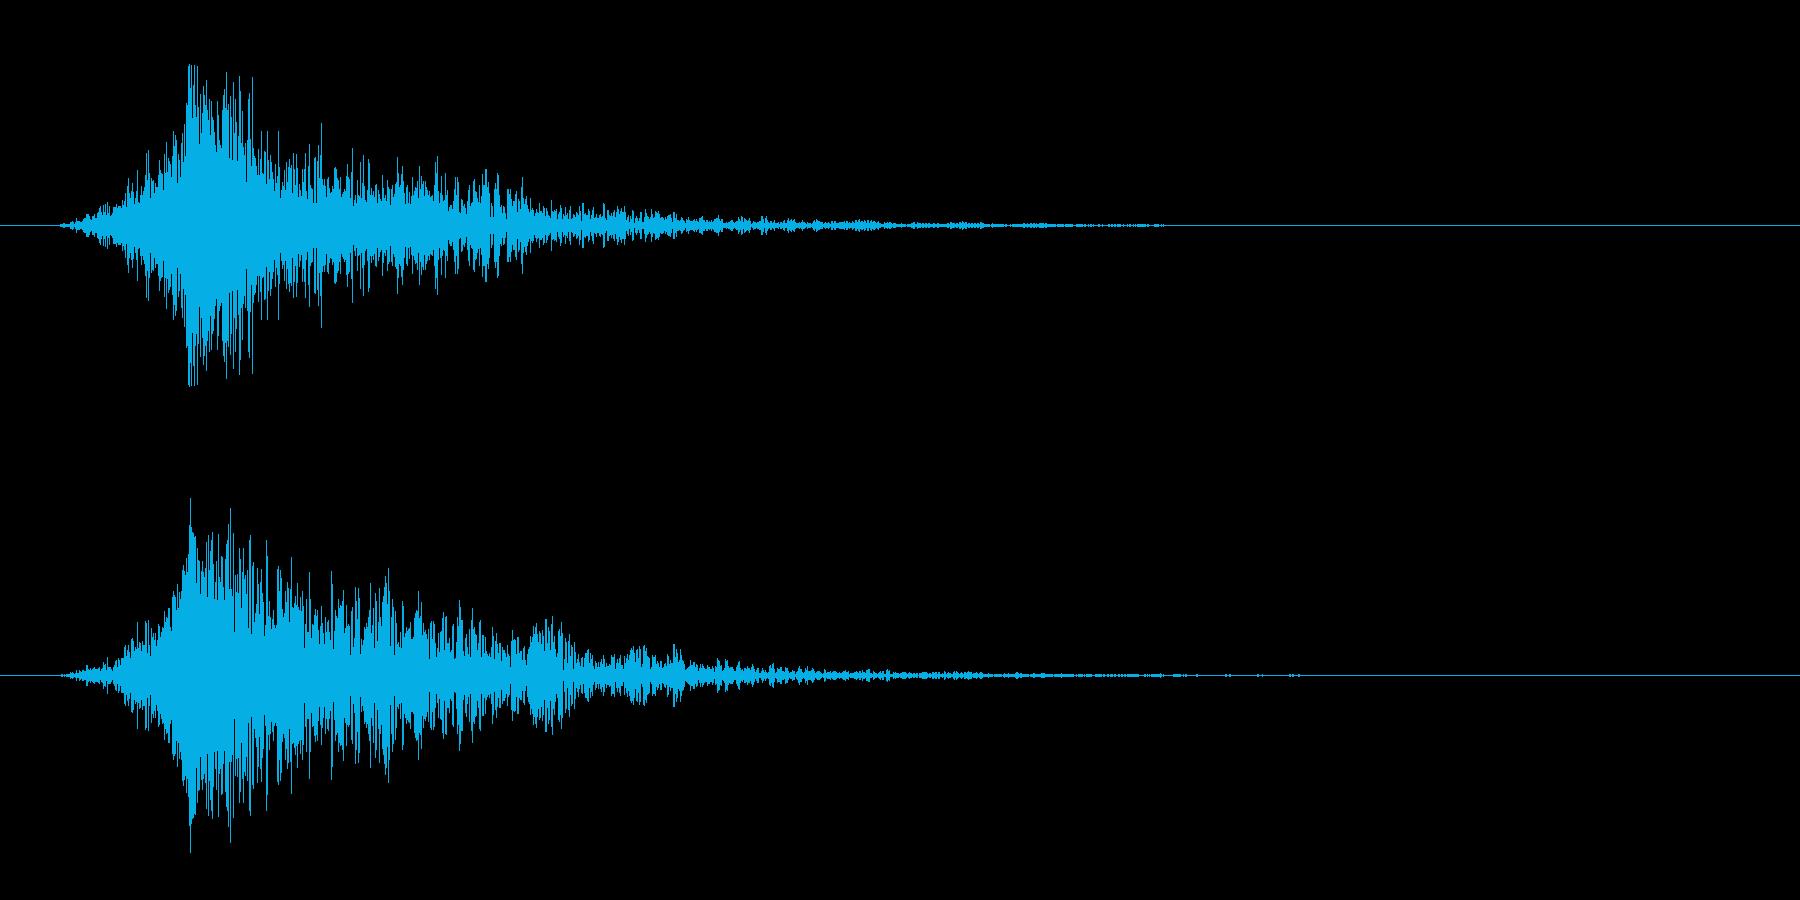 シュードーン-4(インパクト音)の再生済みの波形